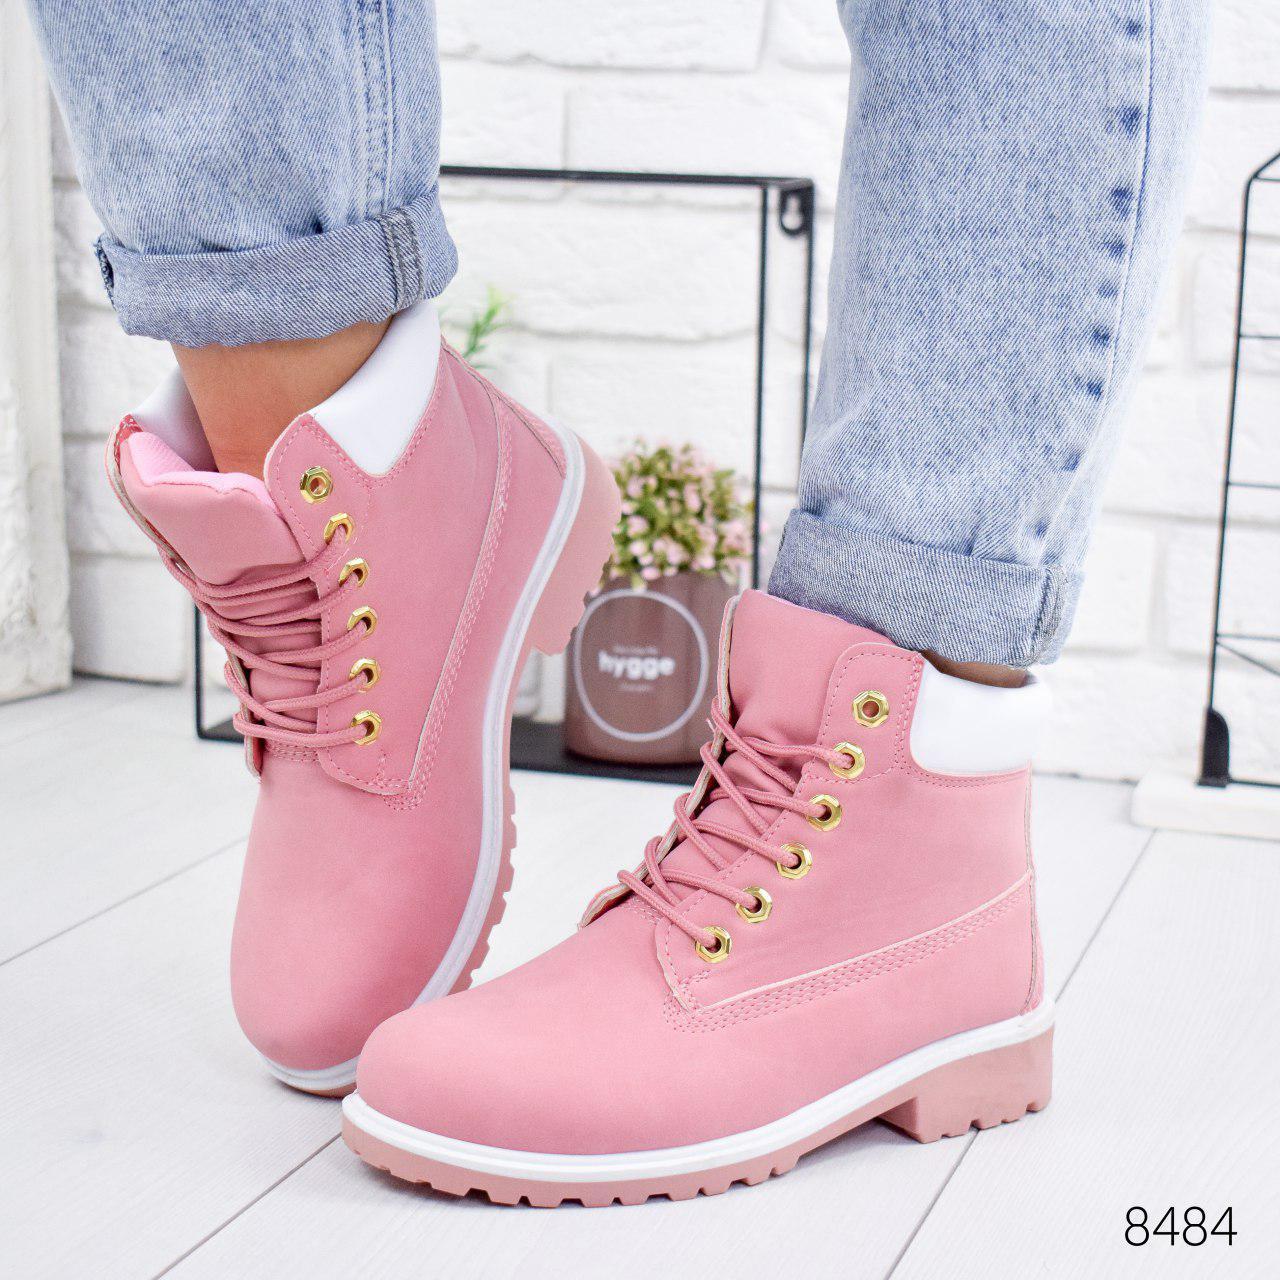 """Ботинки женские демисезонные """"Tim Tim"""" розового цвета из эко нубука. Ботильоны женские. Ботильоны деми"""